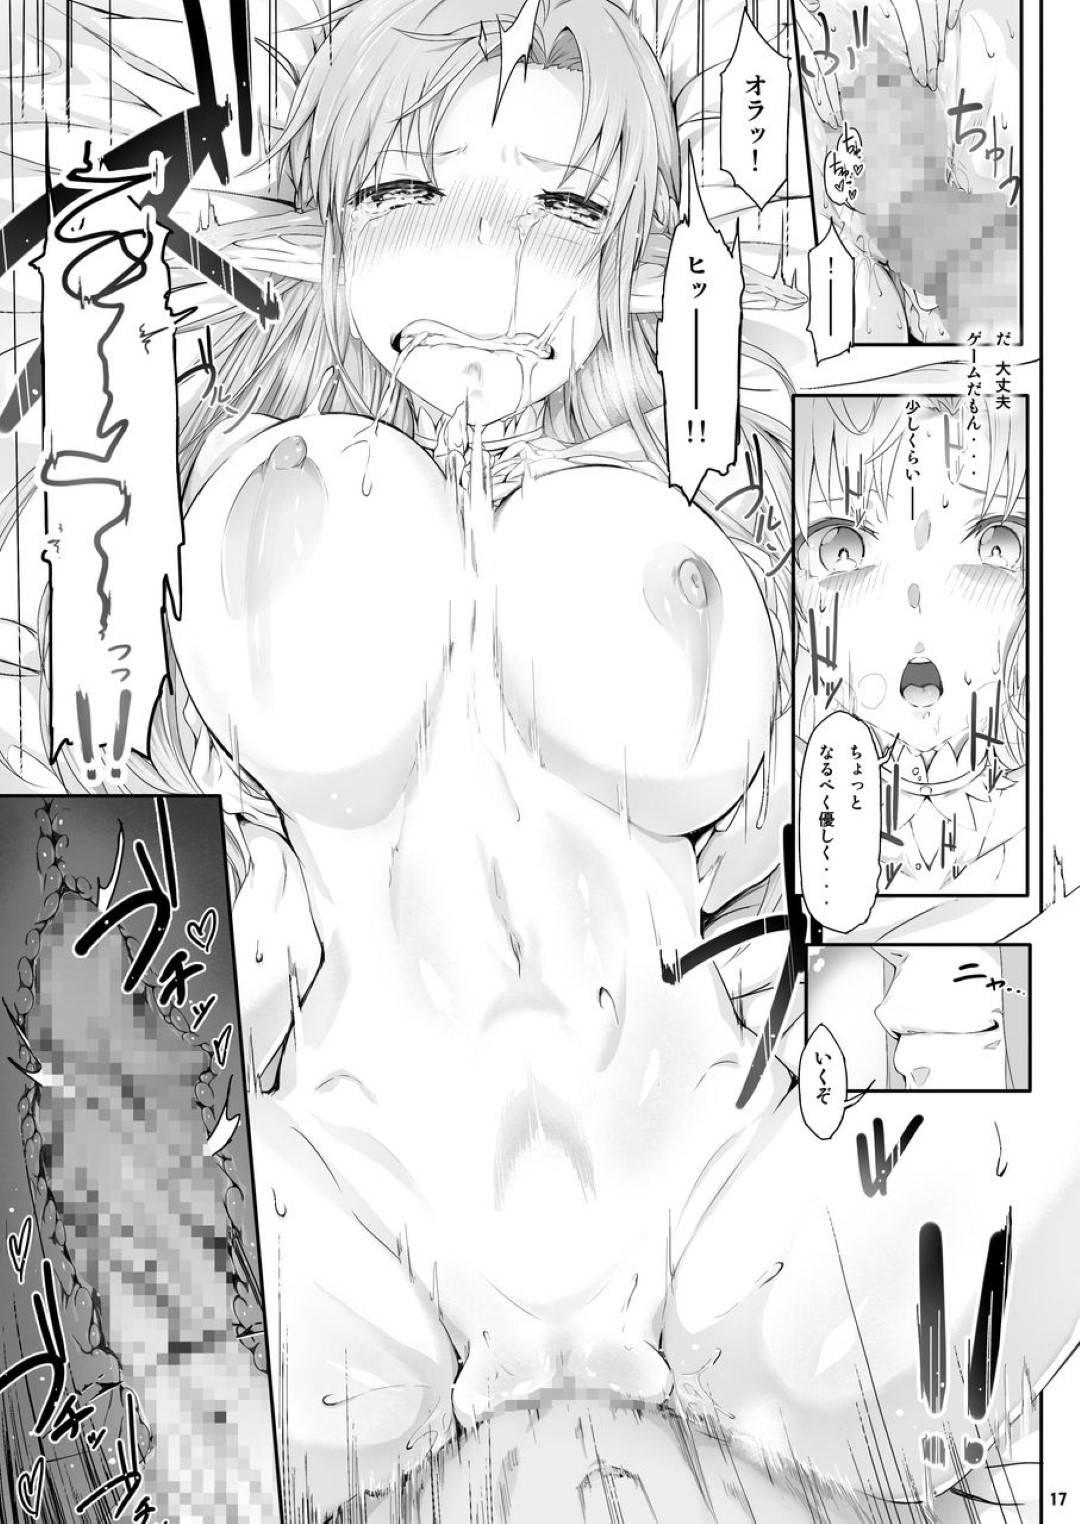 【エロ漫画】感度の高められたゲームの中で男に調教セクハラされてイキまくるエルフのお姉さんは激しい生ハメレイプで絶頂しまくり快楽堕ち【Ken-1/あすなま総集編】